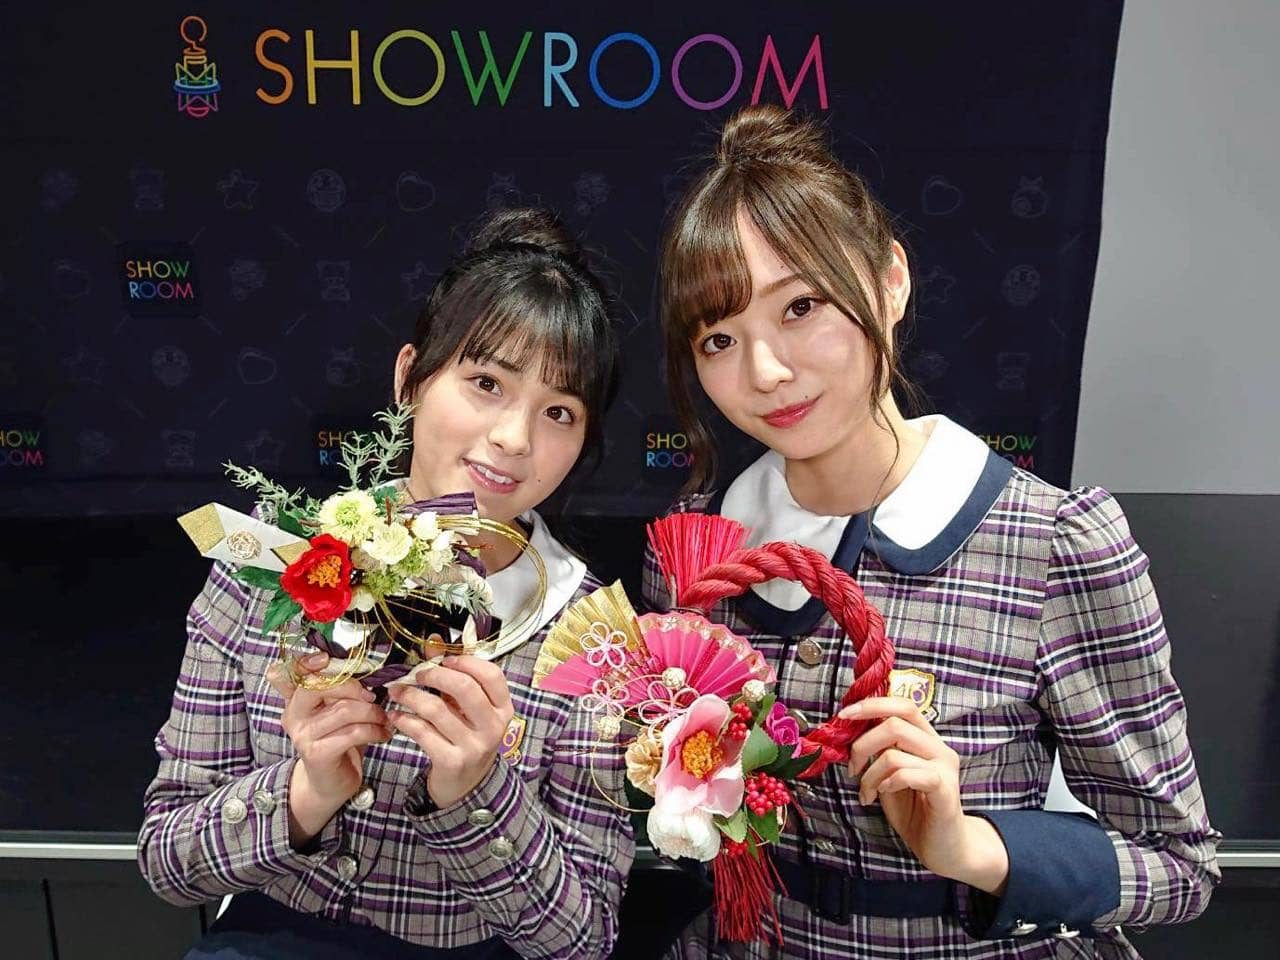 乃木坂46梅澤美波・大園桃子「猫舌SHOWROOM」オフショット